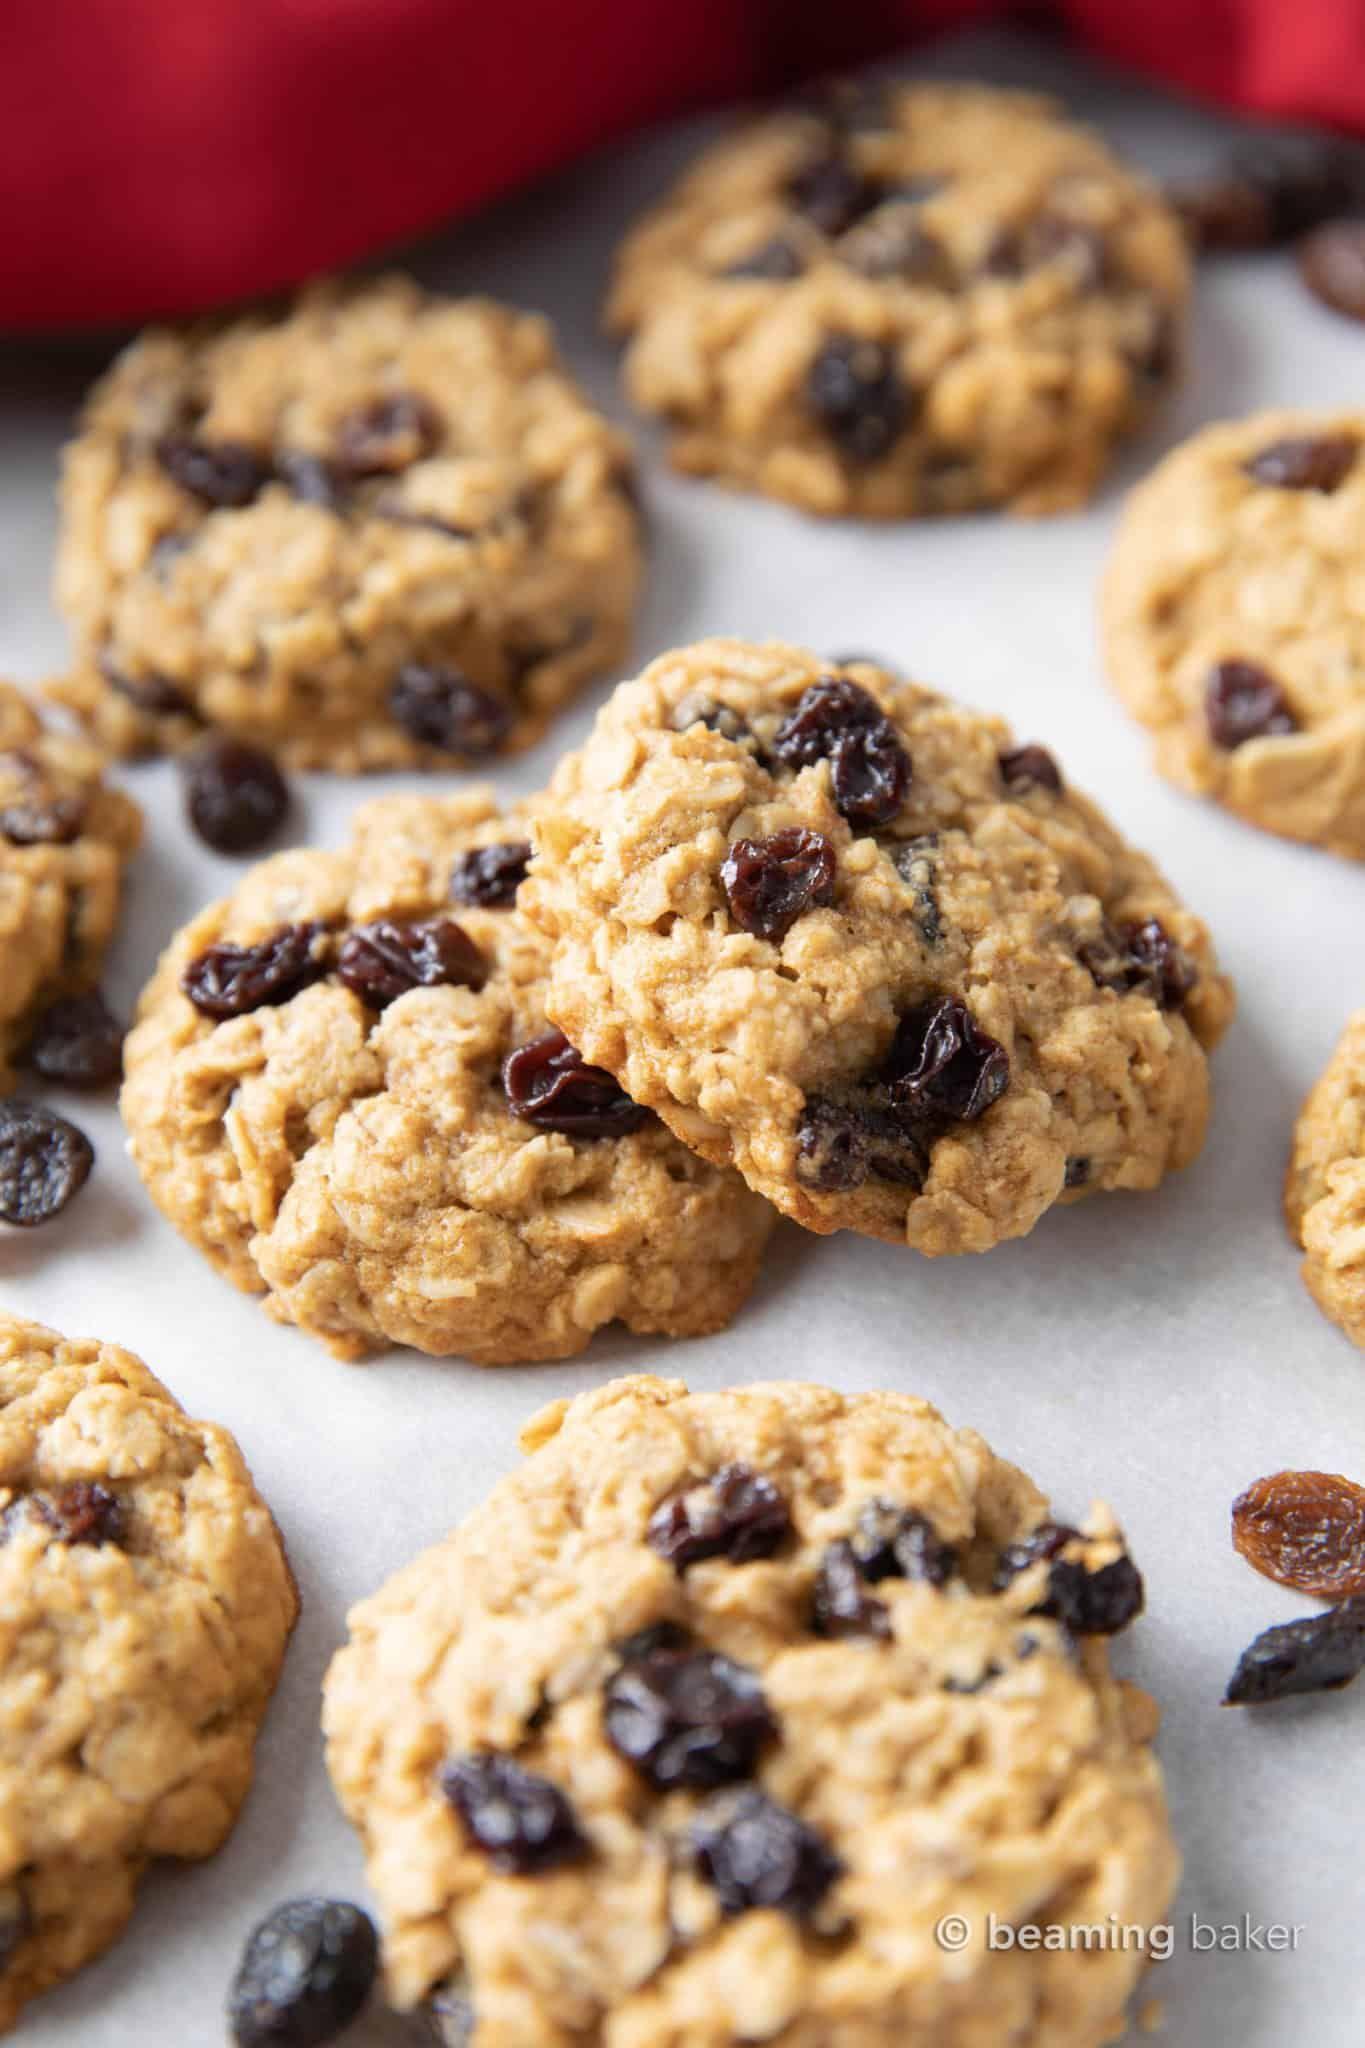 Easy Gluten Free Vegan Oatmeal Raisin Cookies Vegan Refined Sugar Free Beaming Baker In 2020 Oatmeal Raisin Cookies Raisin Cookies Vegan Oatmeal Raisin Cookies